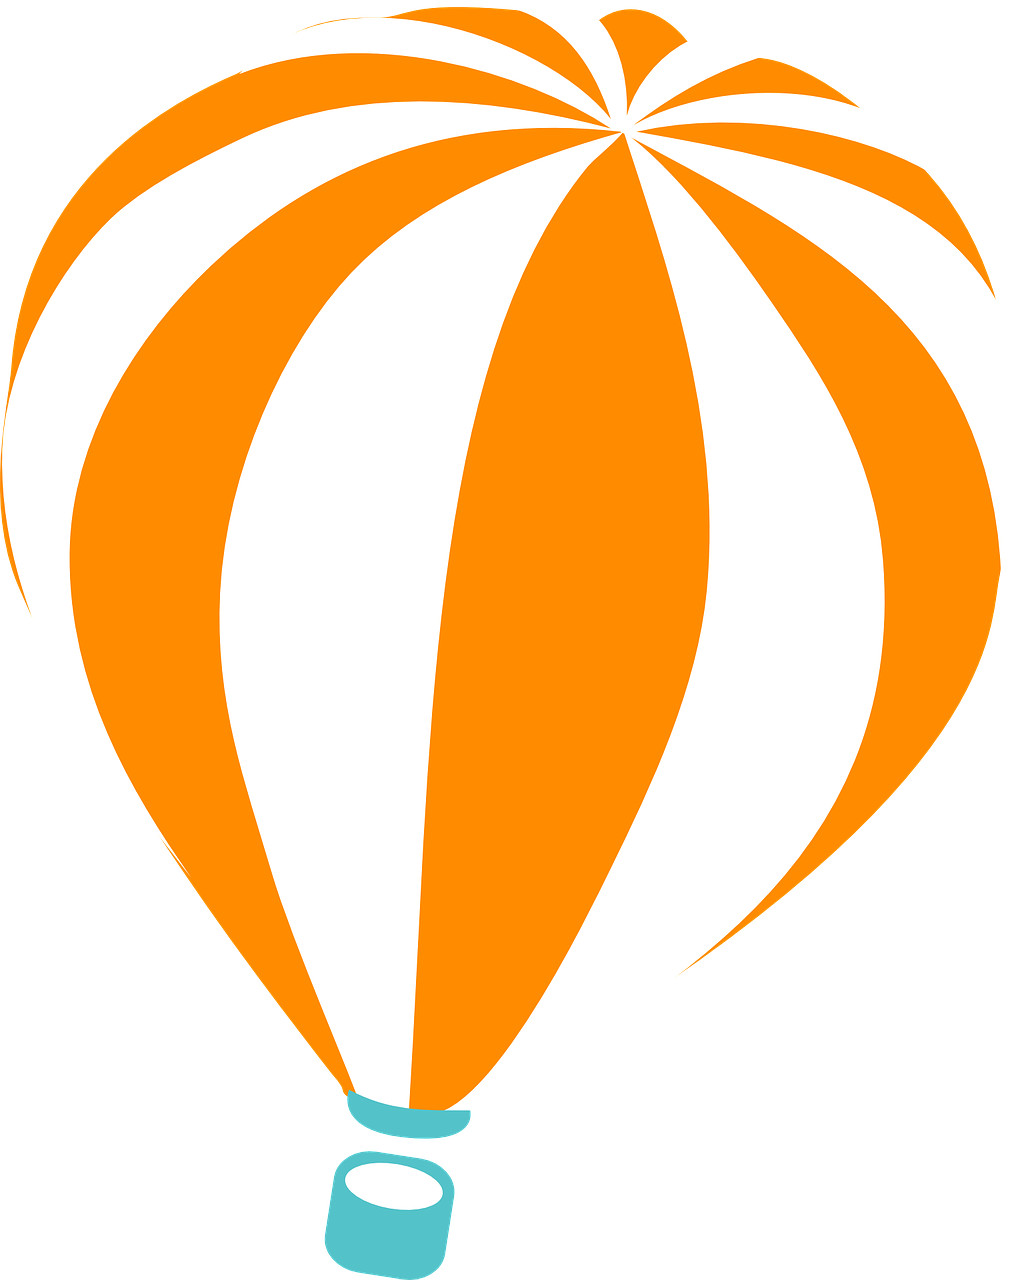 Orange clipart hot air balloon Domain Art Clip Free Public